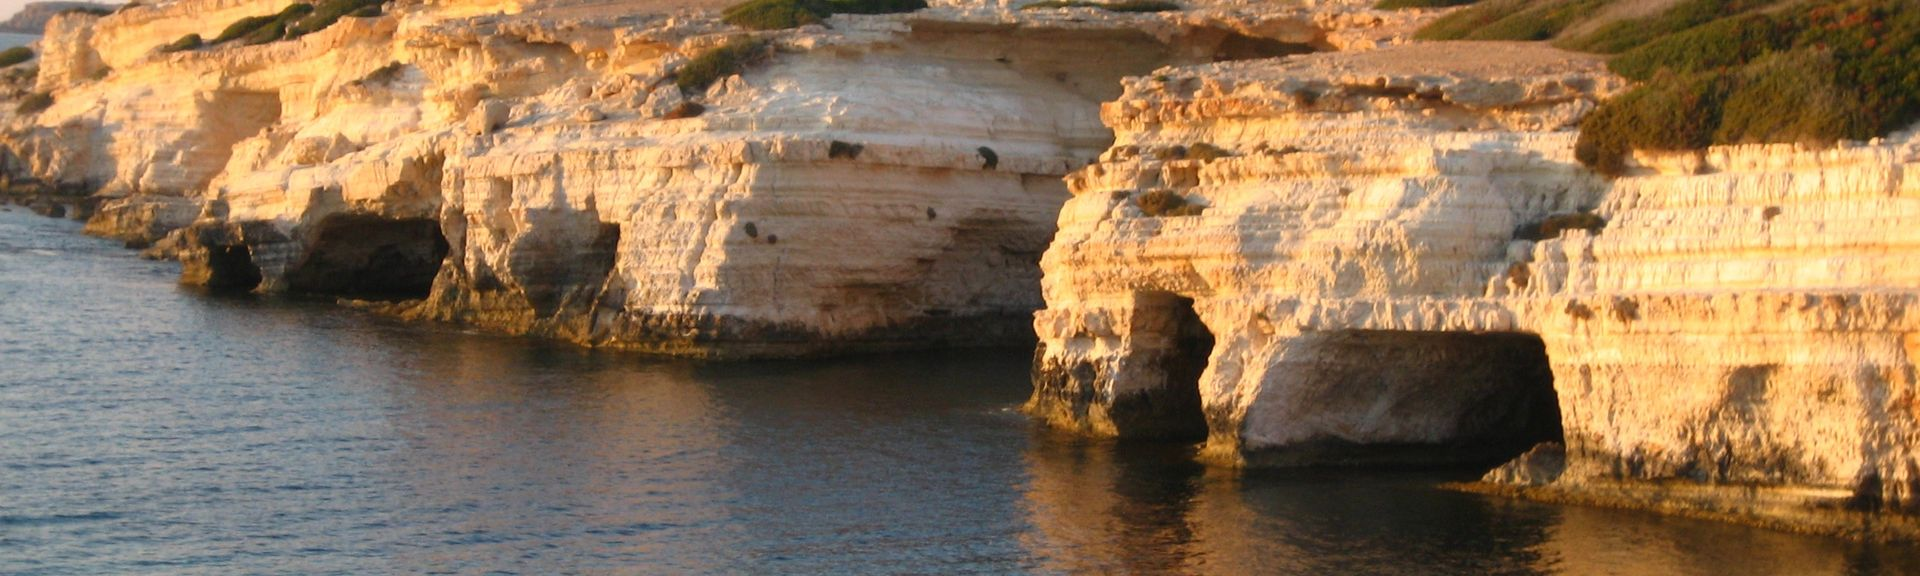 Τάφοι των Βασιλιάδων (Ιστορική τοποθεσία), Πάφος, Πάφος, Κύπρος